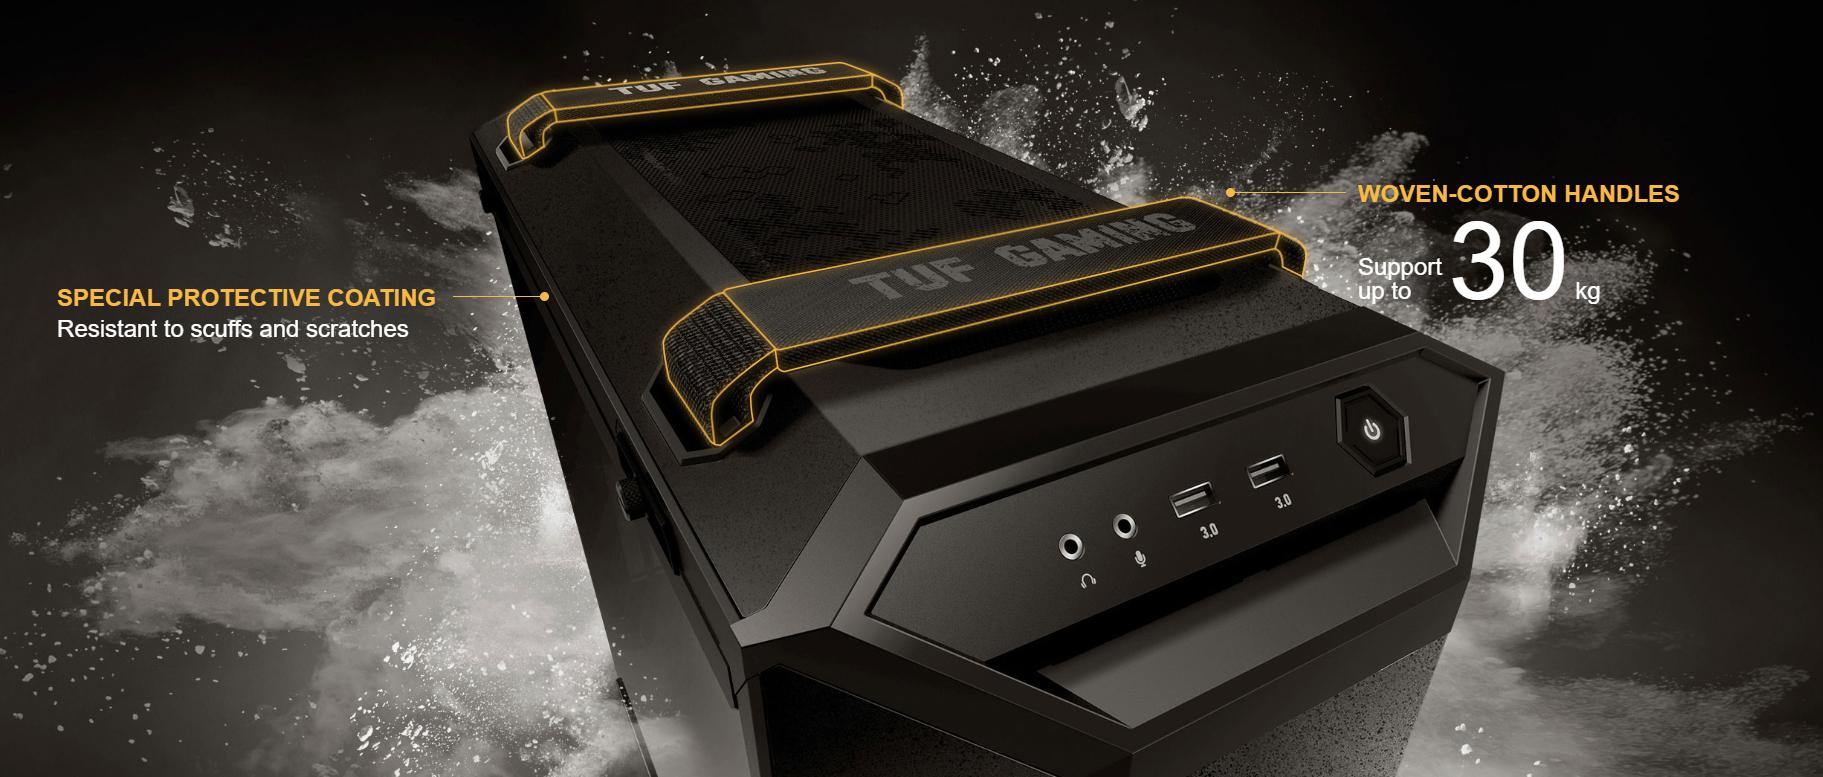 Asus TUF Gaming GT501 3